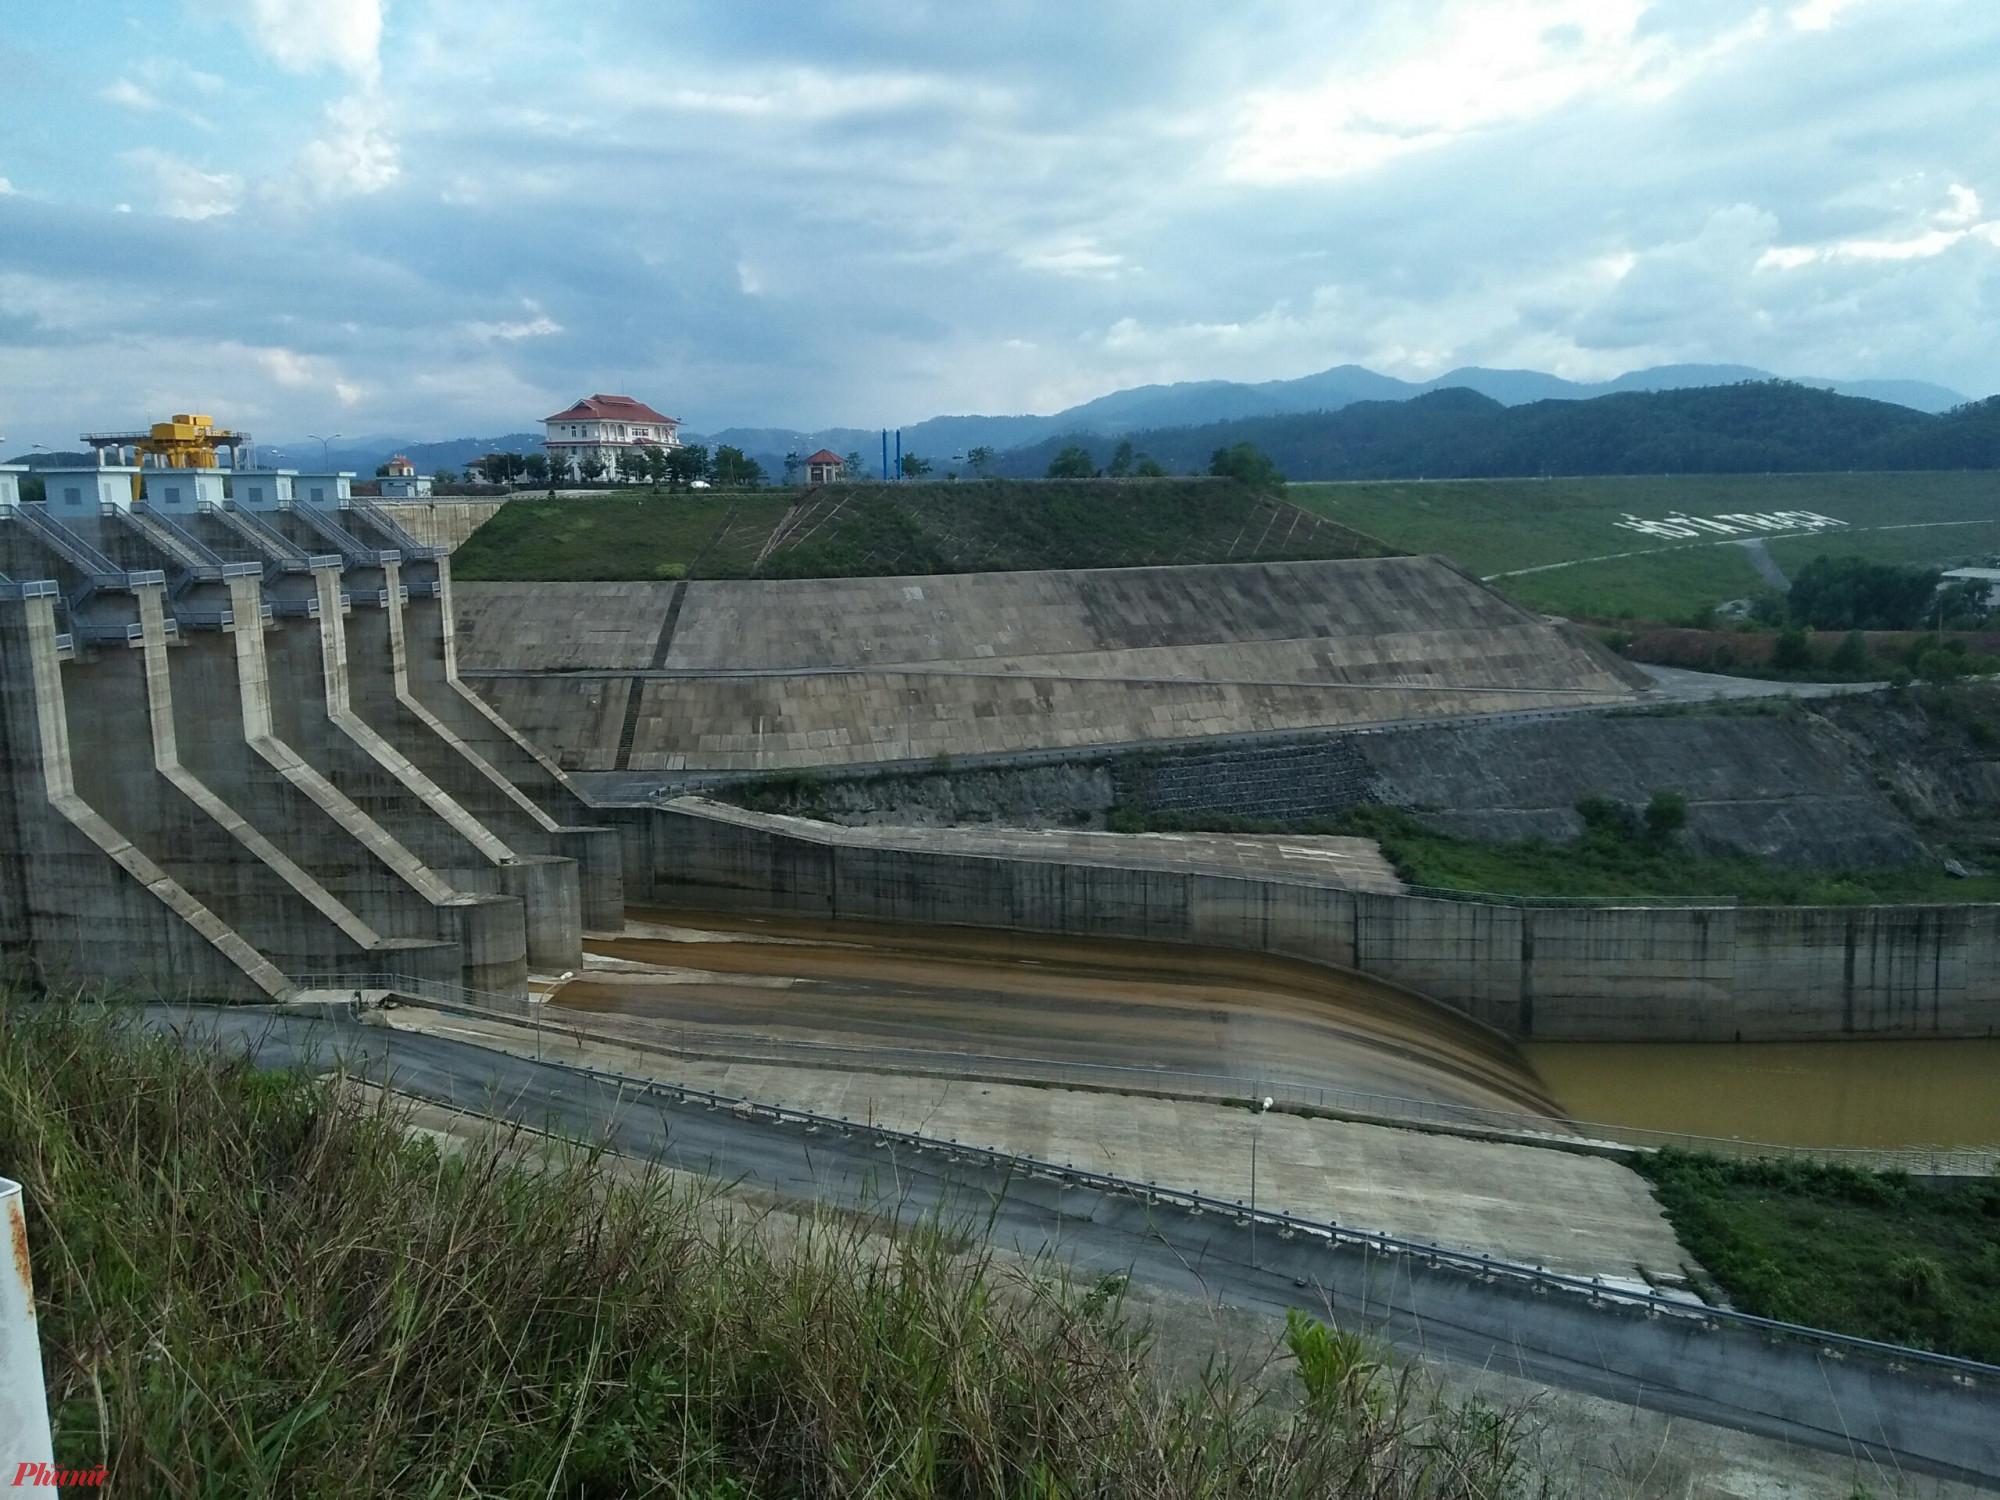 Tỉnh Thừa Thiên - Huế yêu cầu điều tiết nước ở hồ Tả Trạch để đề phòng mưa lũ